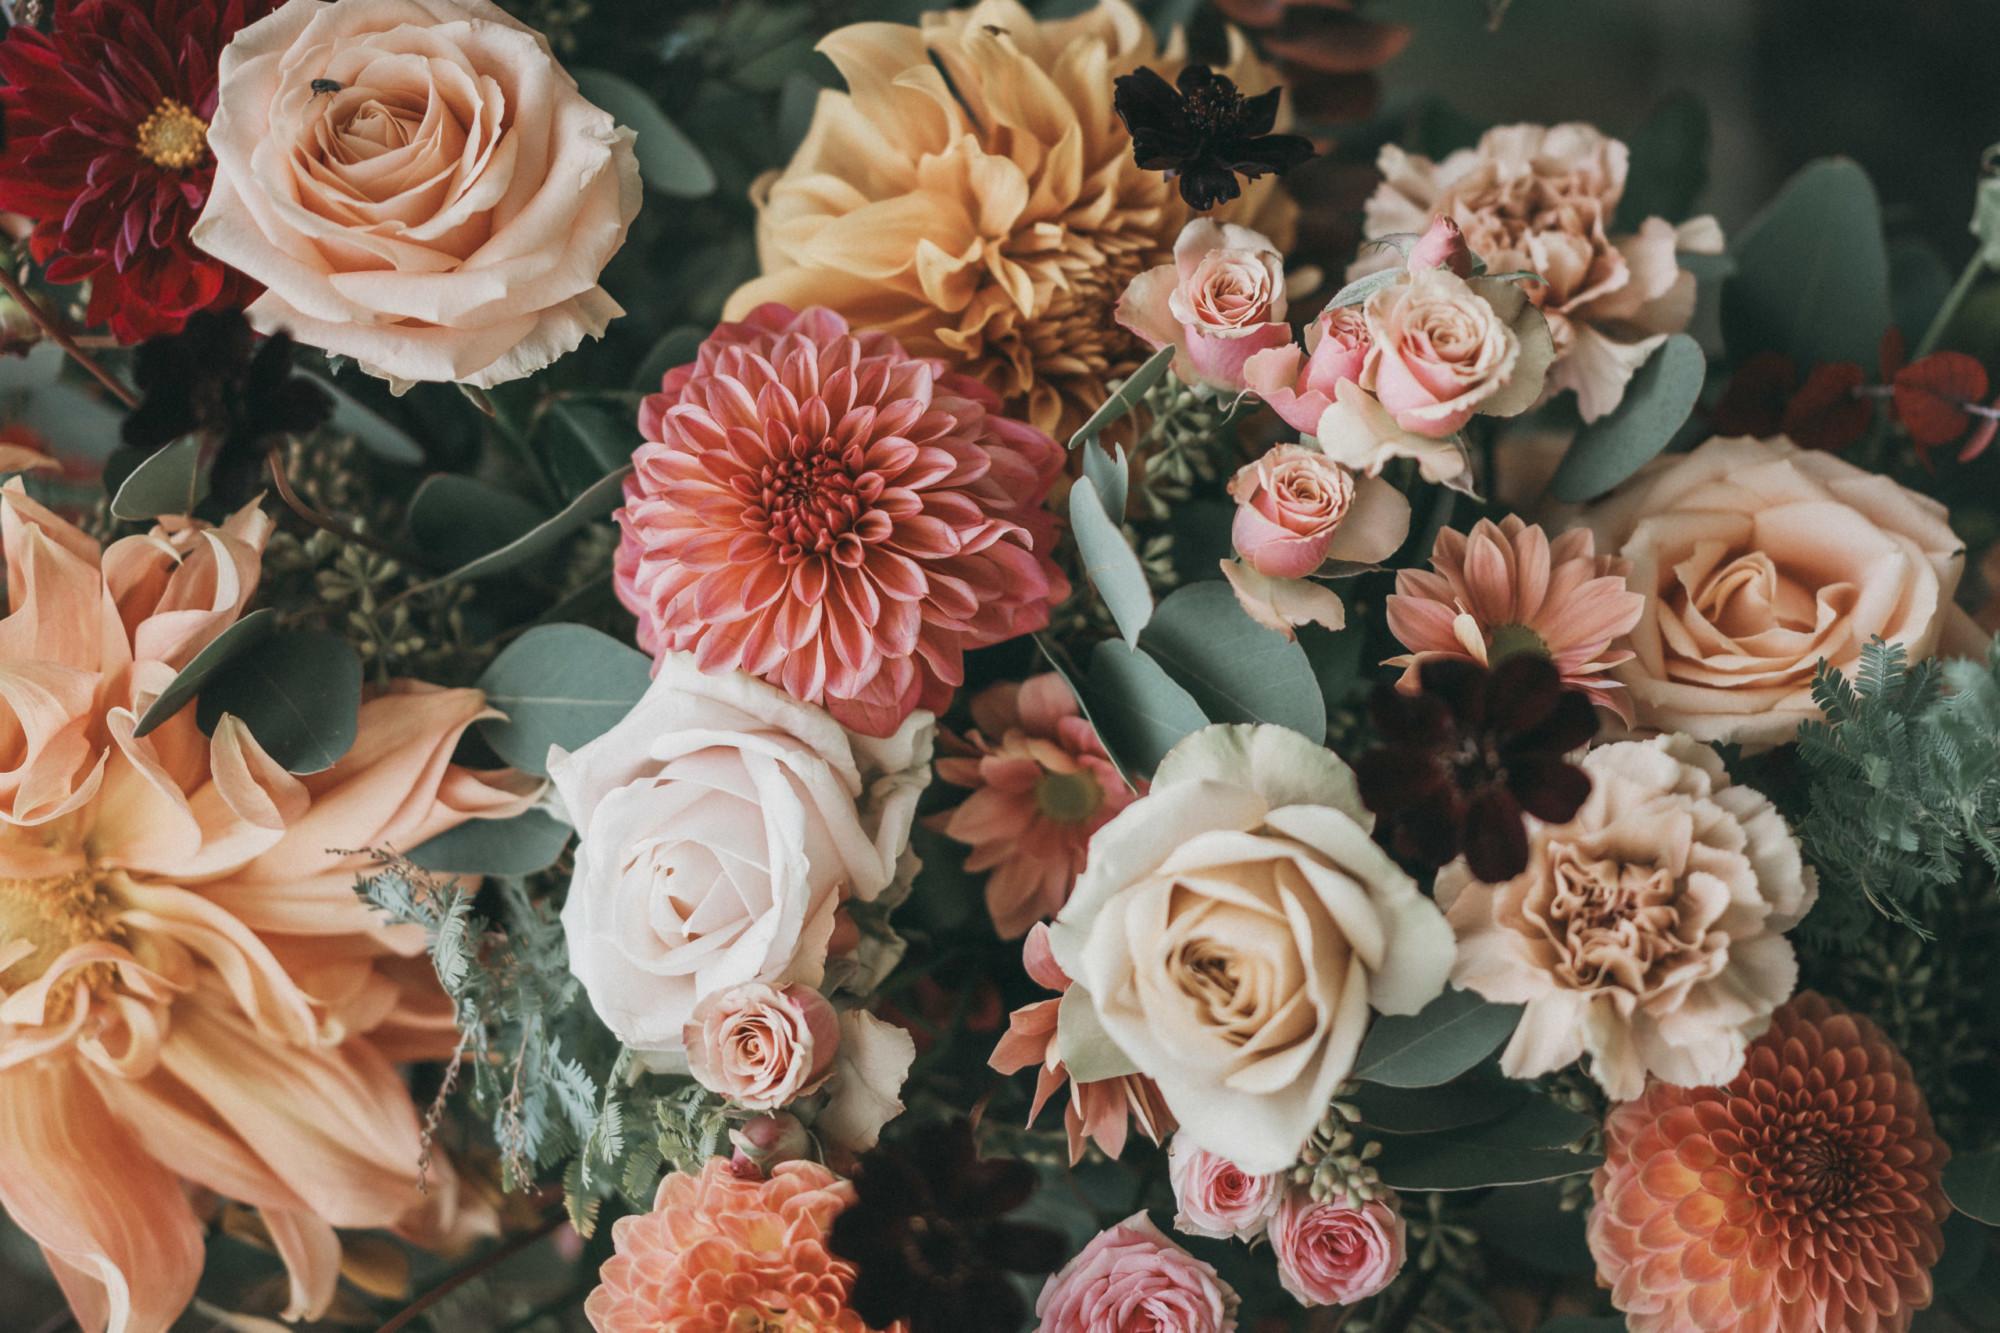 mariage en automne, mariage automnal, fleur mariage, fleuriste mariage, fleuriste seine et marne, décoratrice ile de france, cérémonie laïque